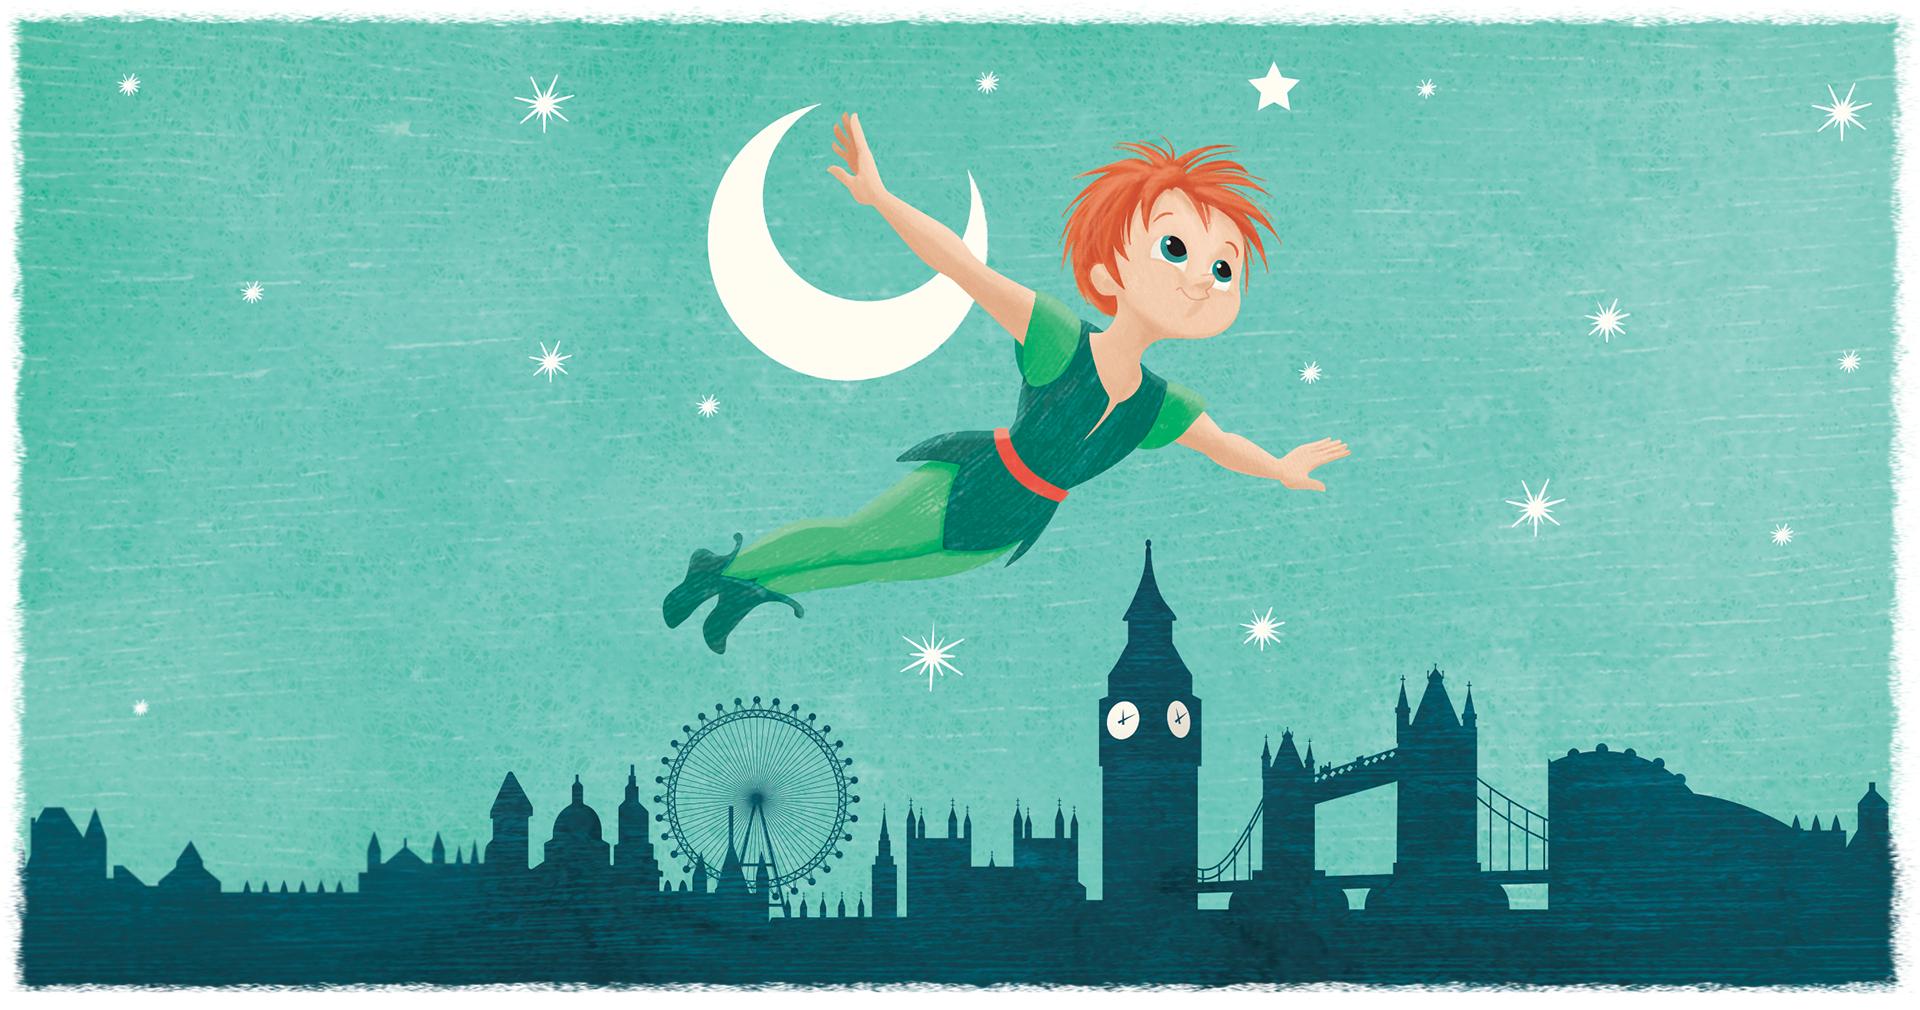 Pastiglie Leone Illustrazione Peter Pan - Eleonora Casetta